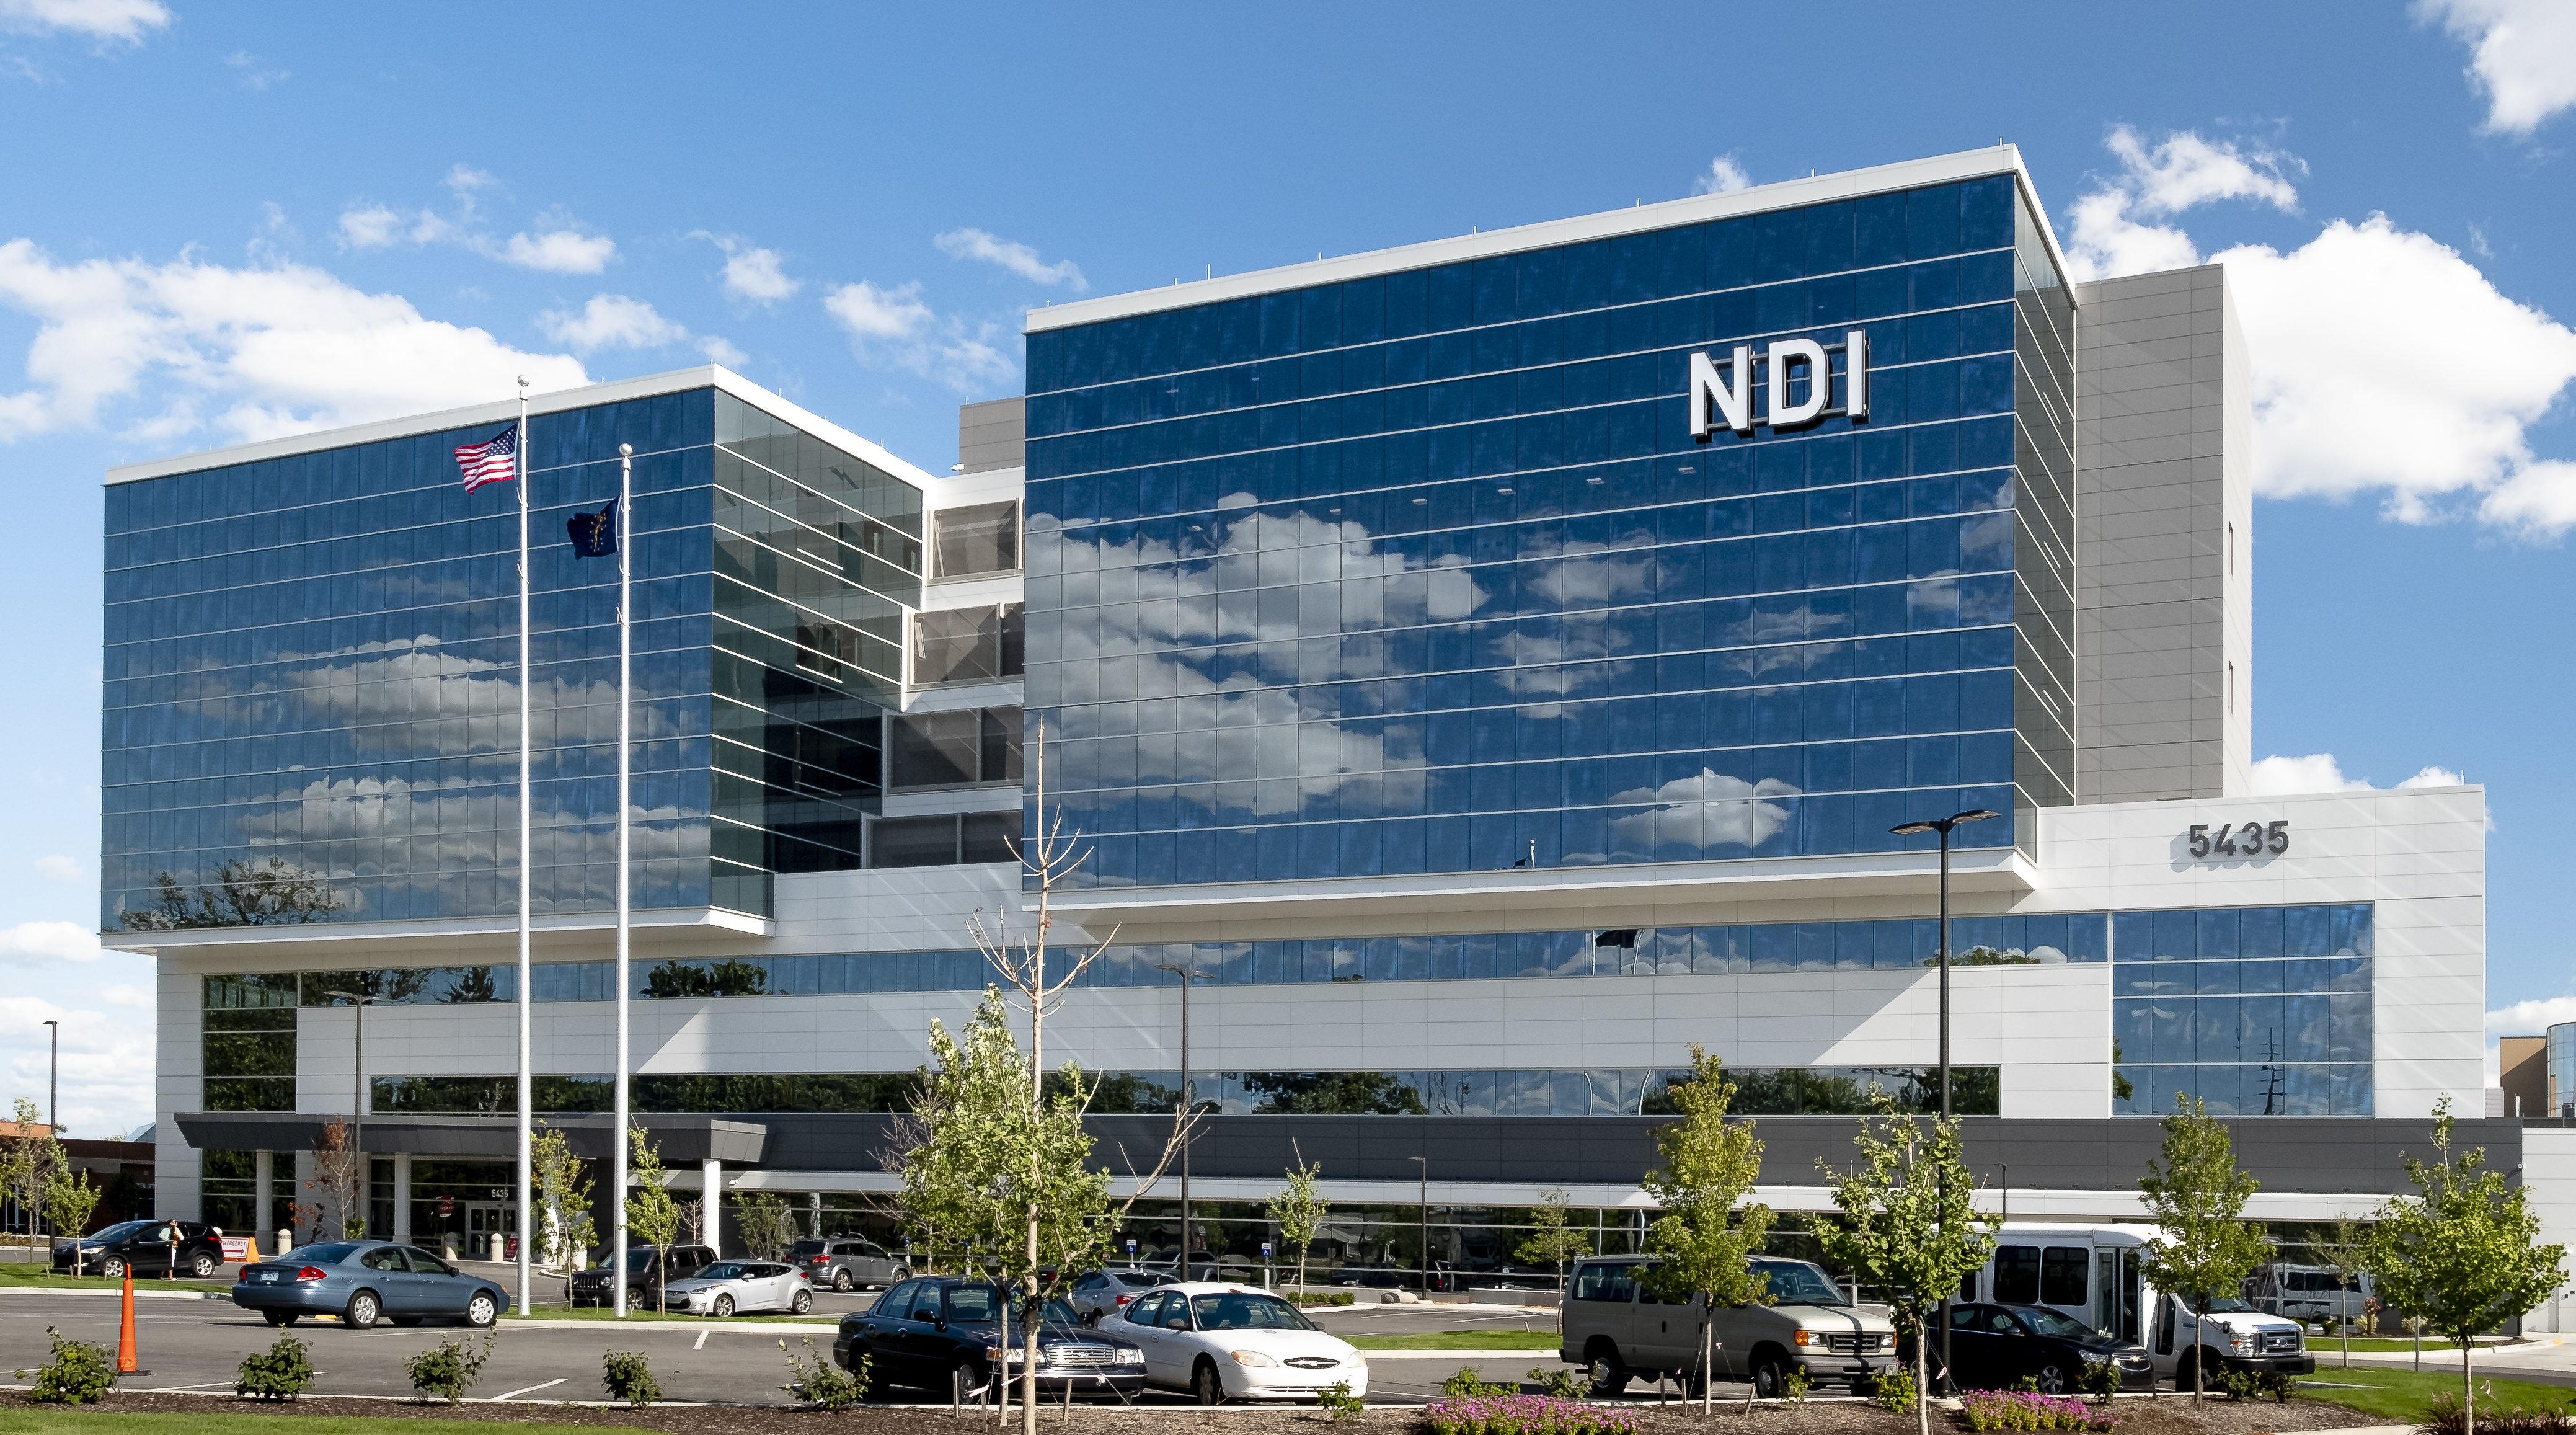 NeuroDiagnostic Institute